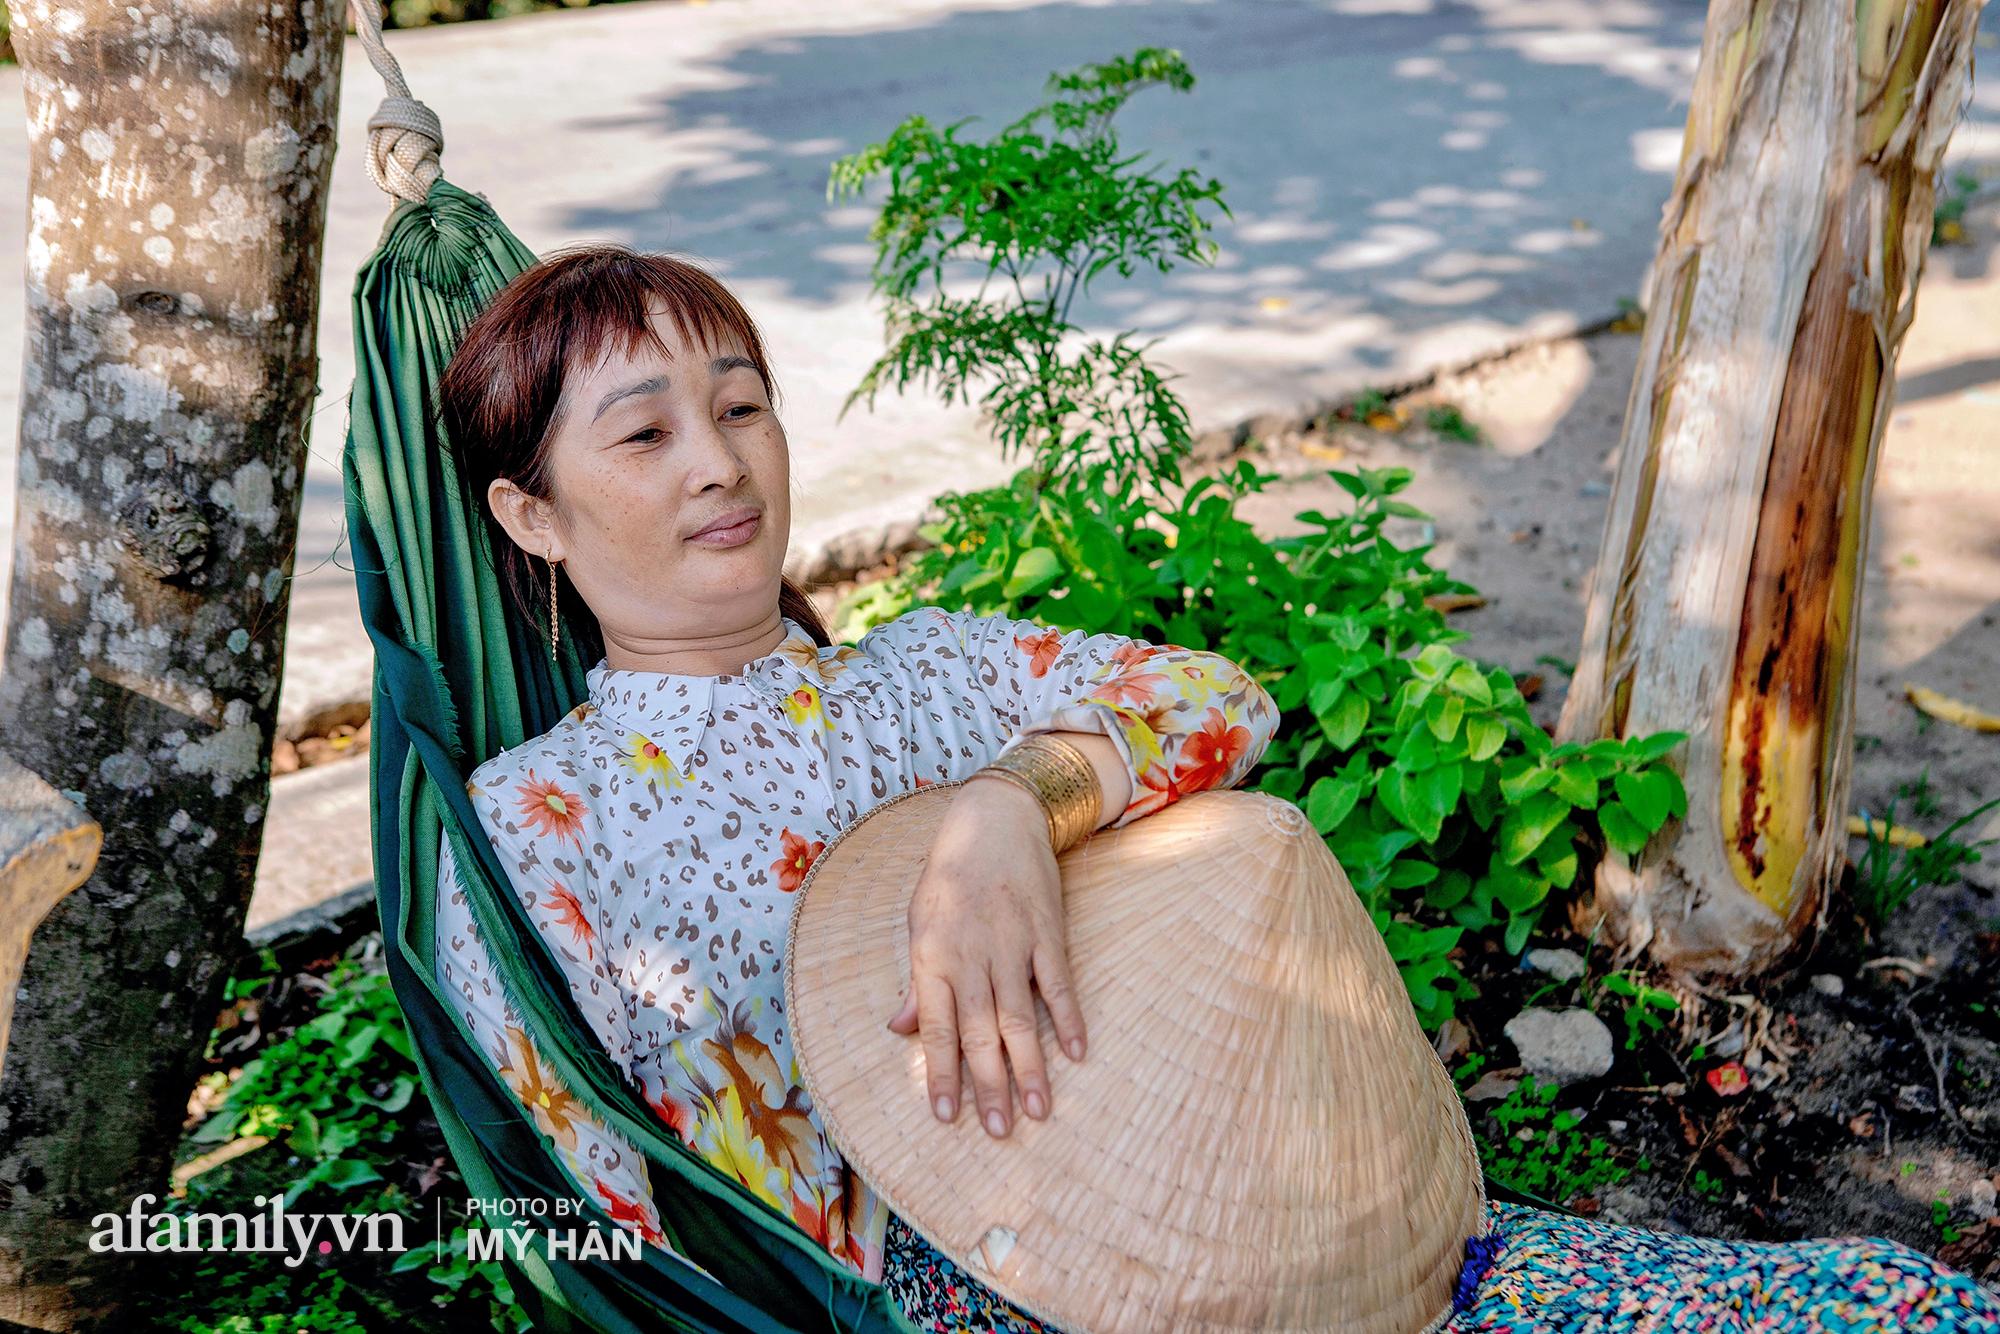 """Hiện tượng """"cuồng Ximen"""" của phụ nữ miền Tây, cứ về quê là bà nào cũng đeo vàng cả khúc, dù bị chê """"quê mùa"""" nhưng mấy ai biết đây lại là xứ xài vàng nhiều nhất Việt Nam! - Ảnh 10."""